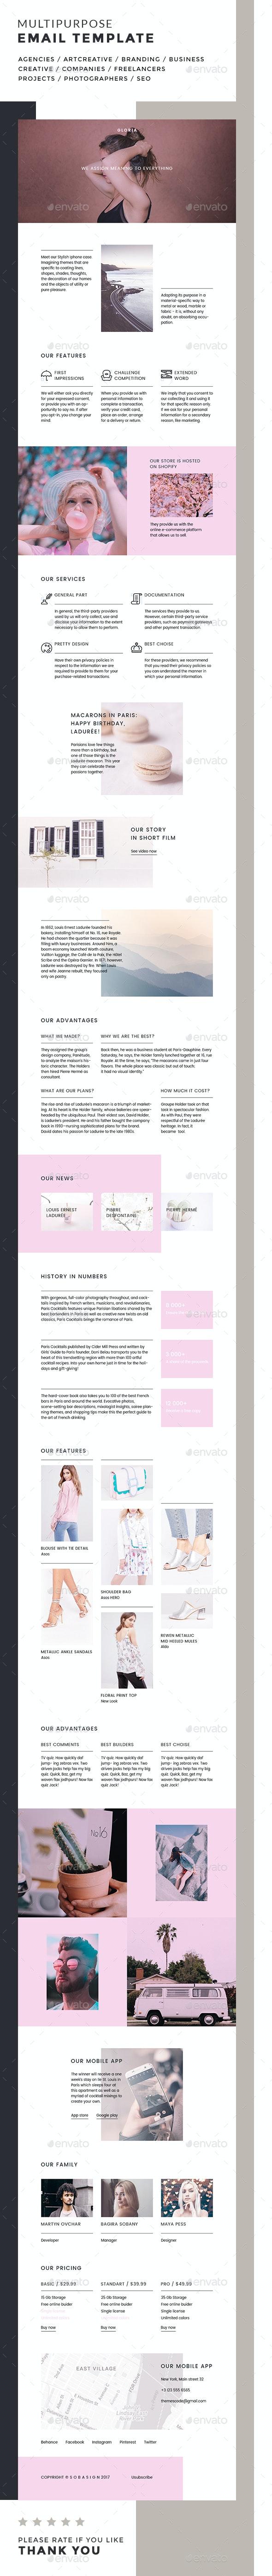 Gloria / Multipurpose Email Template